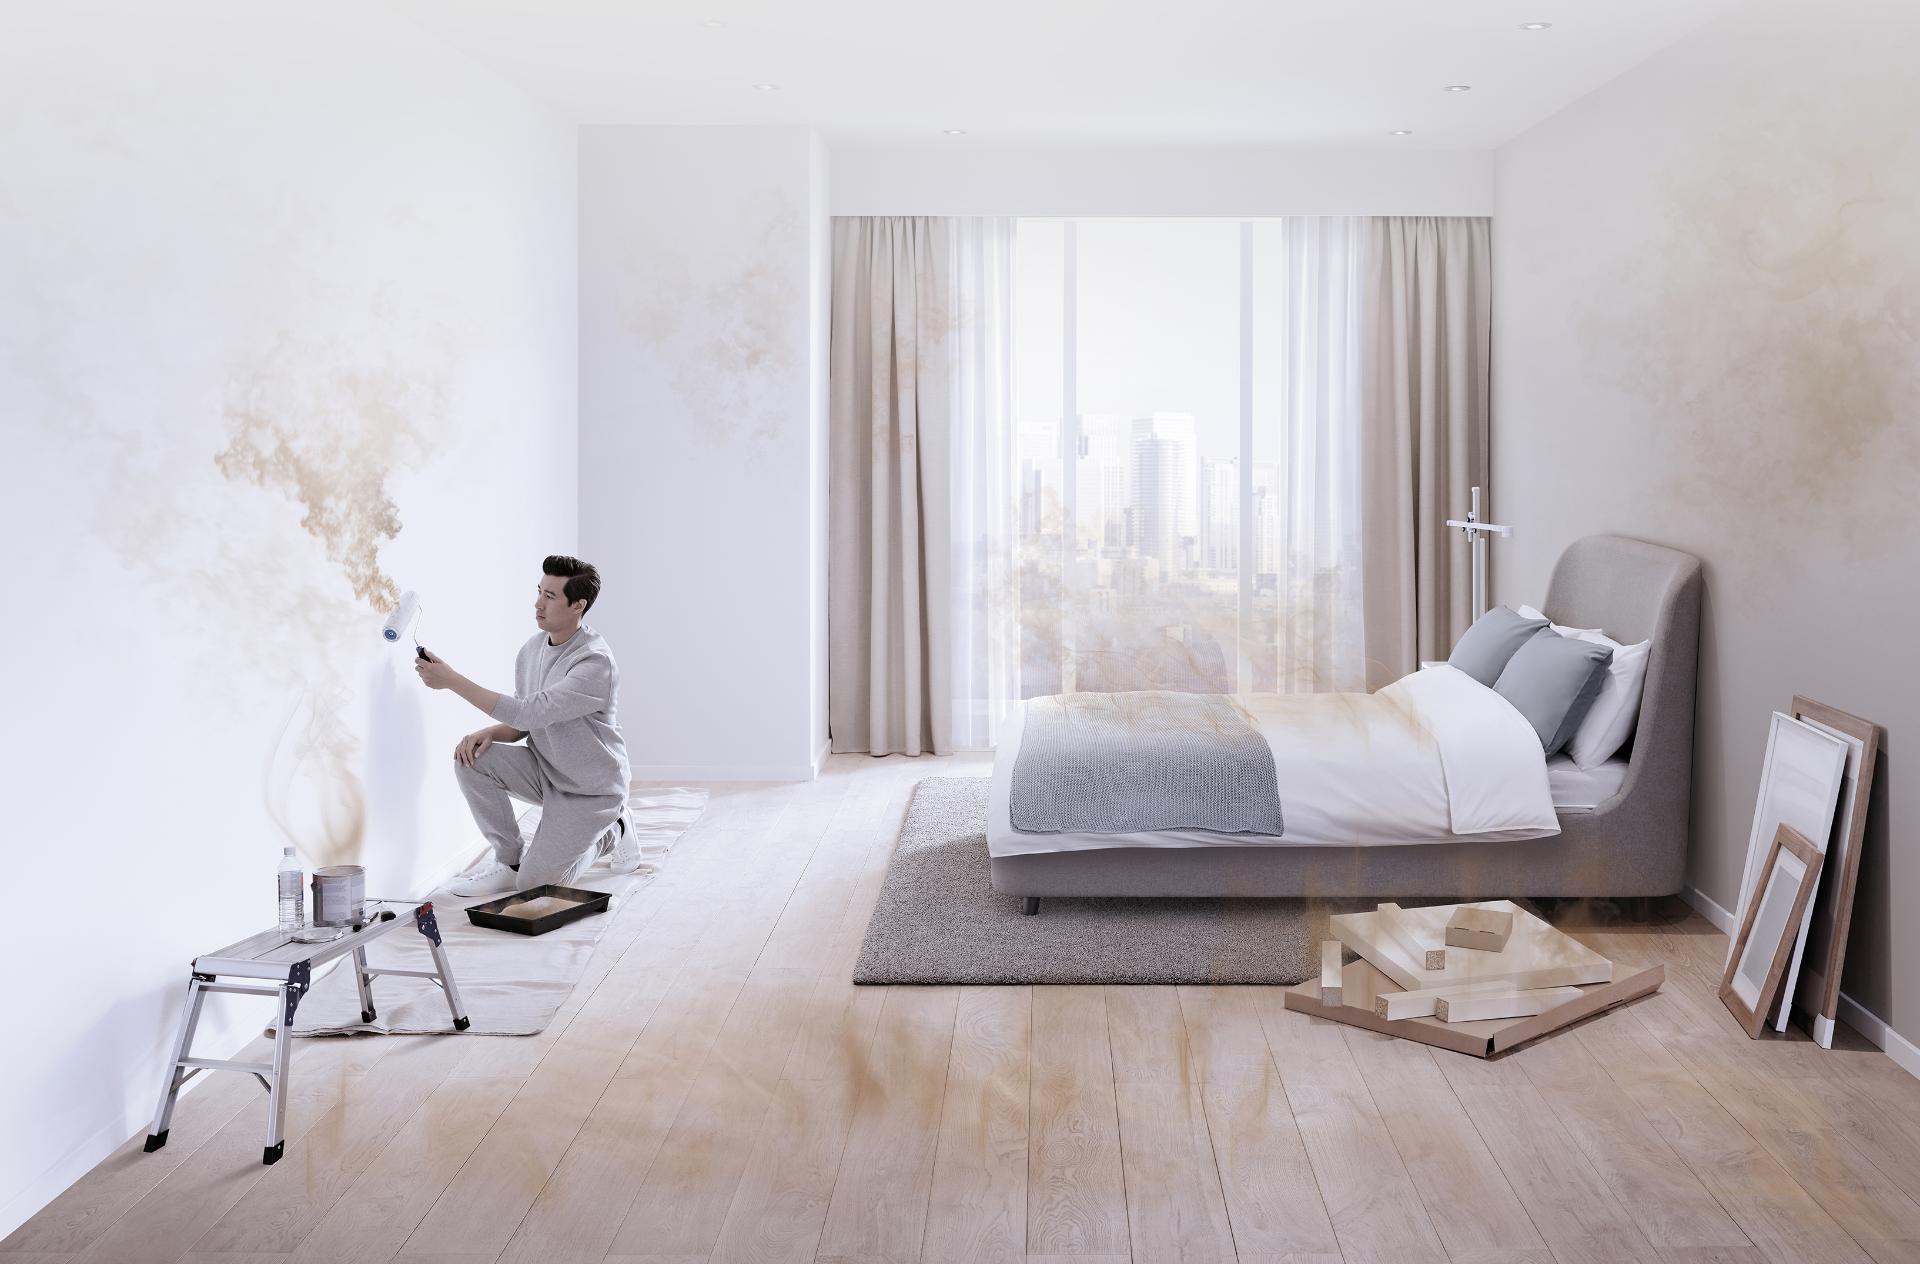 방 안에서 페인트 칠을 하는 동안 포름알데히드가 주변 공기를 오염시킵니다.